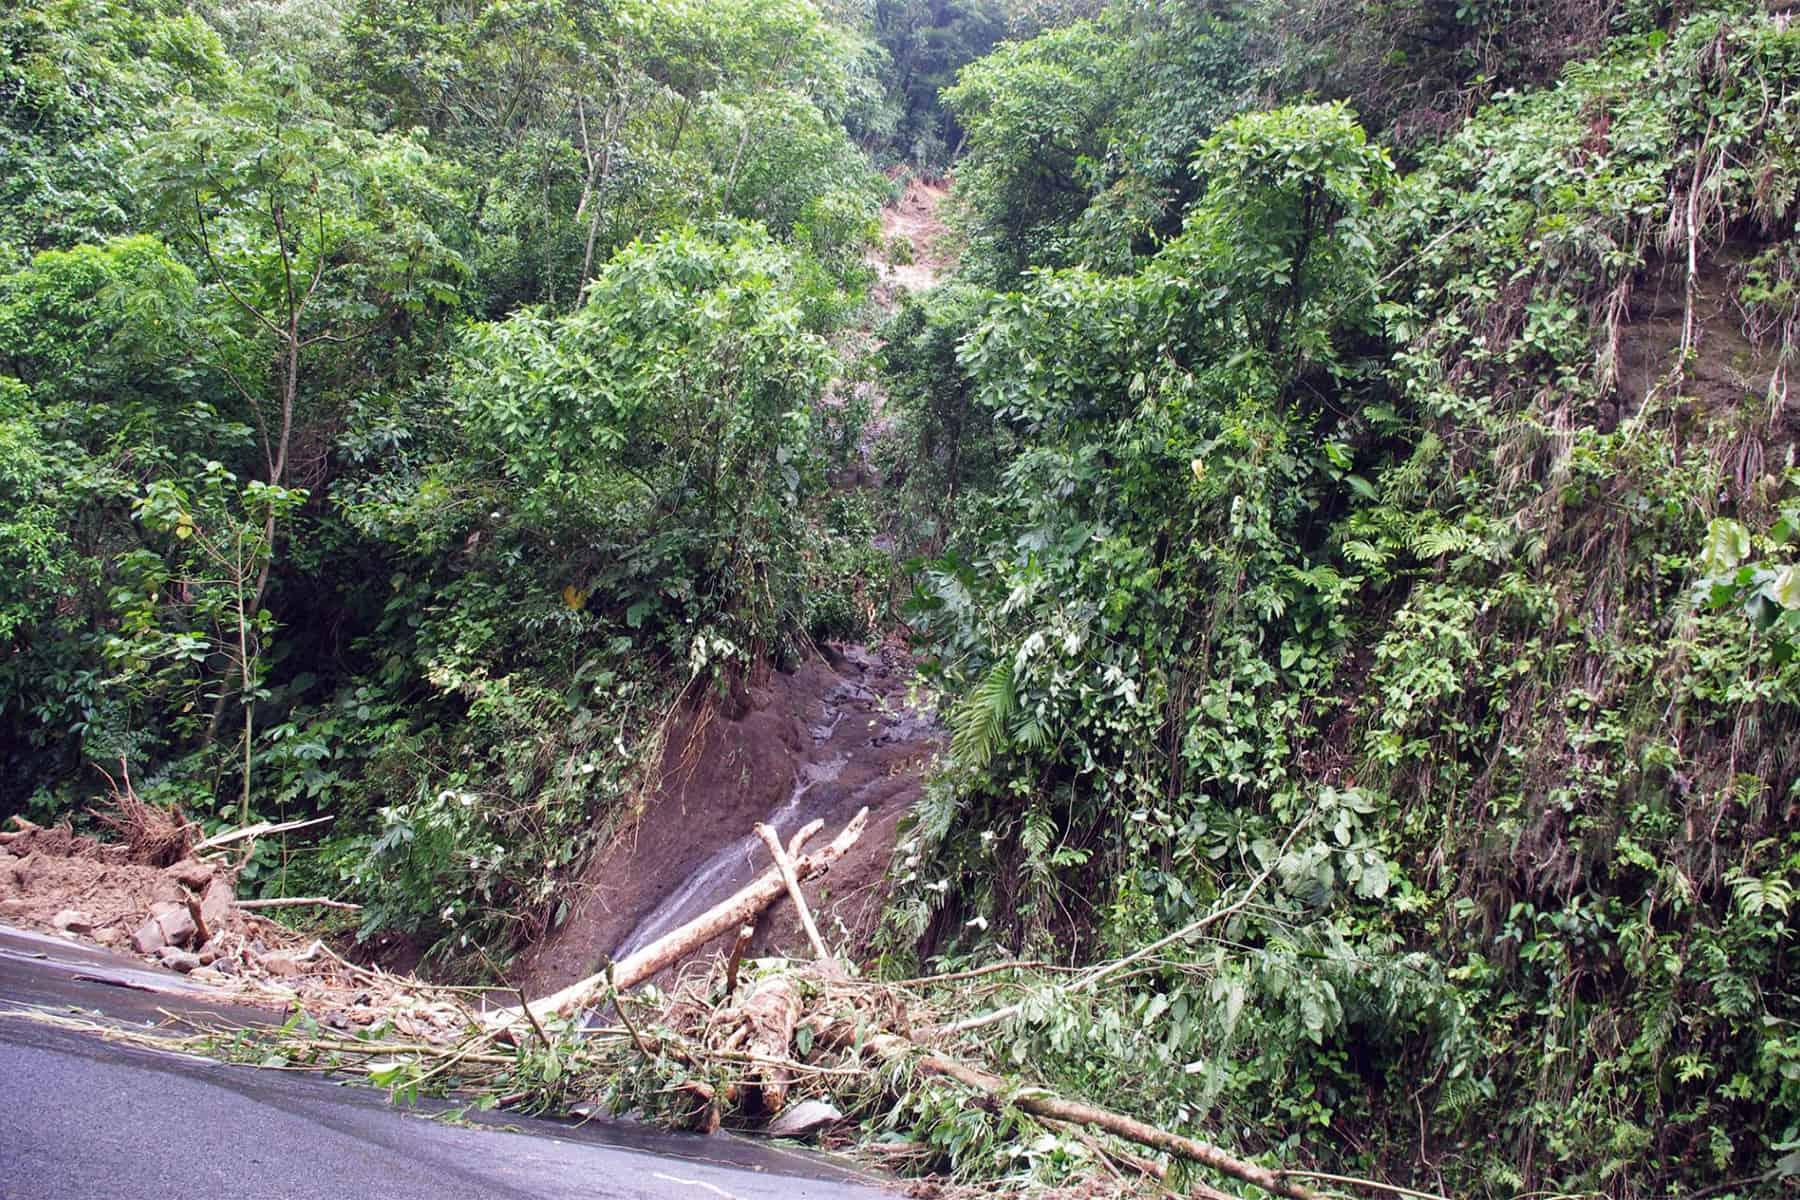 Debris along Route 32